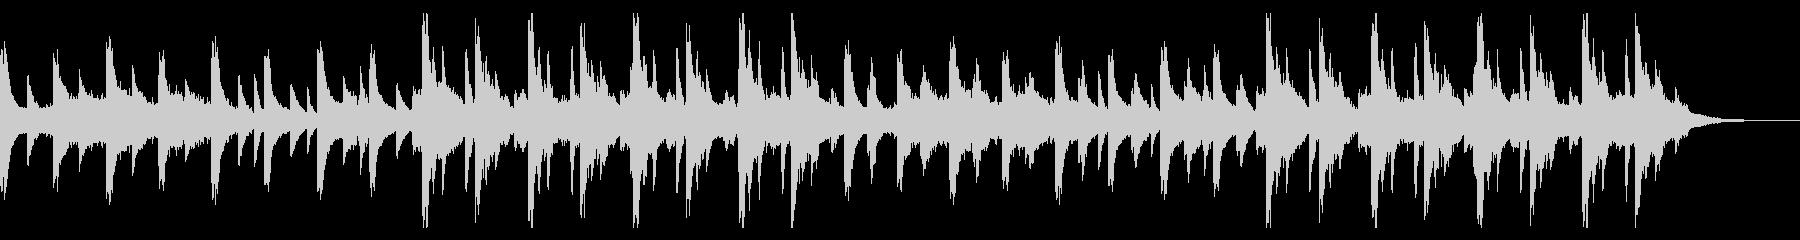 お洒落なピアノ&オーケストラ(TVCM)の未再生の波形